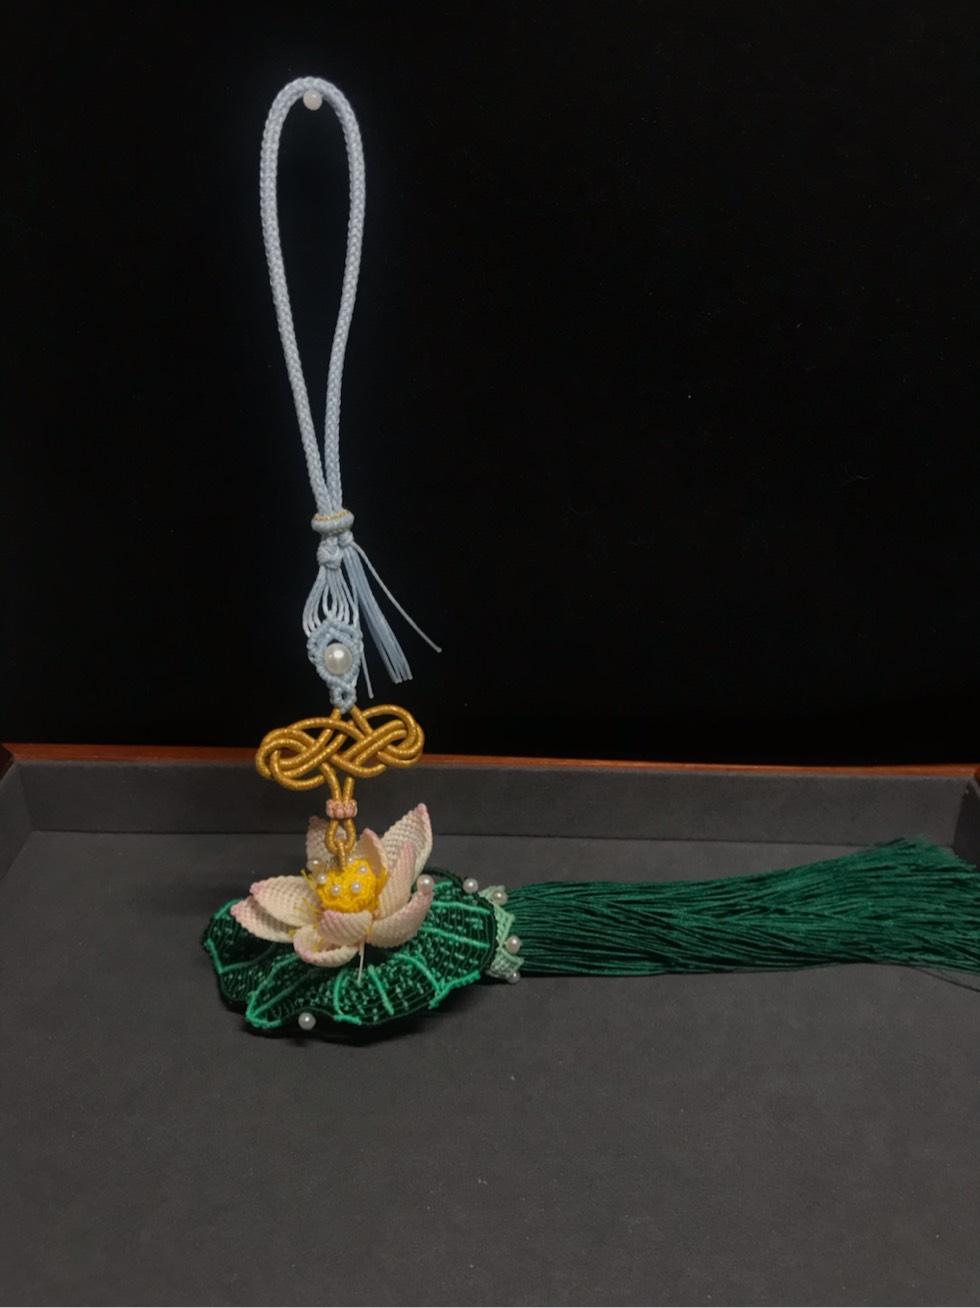 中国结论坛 莲 带莲的诗句,莲组词,莲含义,荷花,描写莲的诗 作品展示 194026mcl0r1lqo1hl8wo0